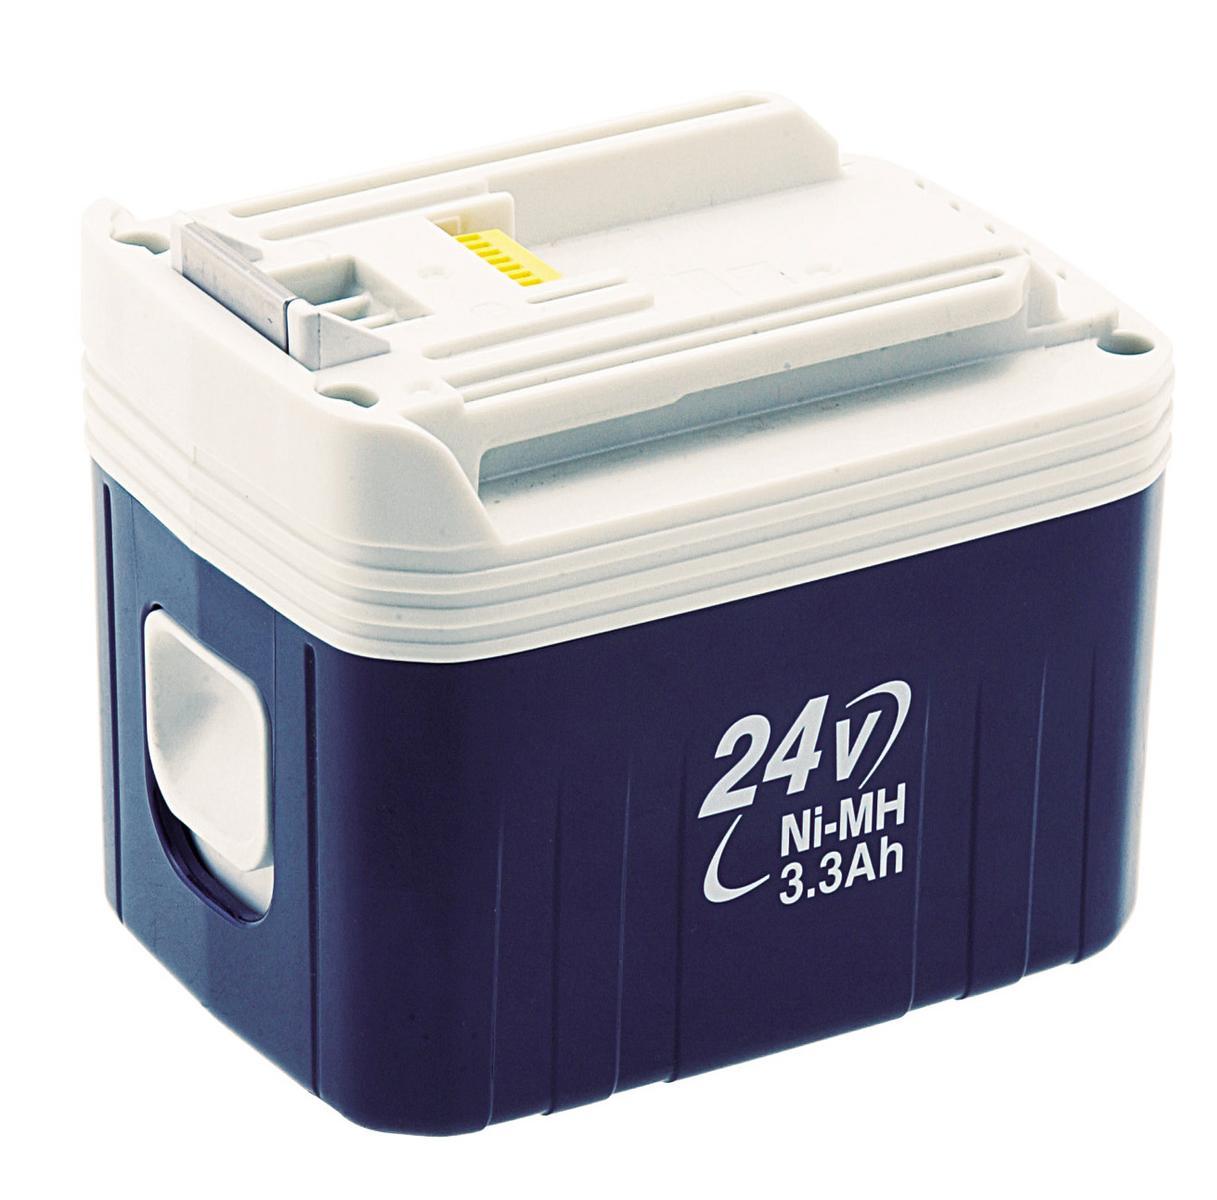 マキタ電動工具 BH2433 24Vニッケル水素バッテリー(スライド式) BH2433 A-36572 A-36572, KB1TOOLS:7c25af59 --- officewill.xsrv.jp